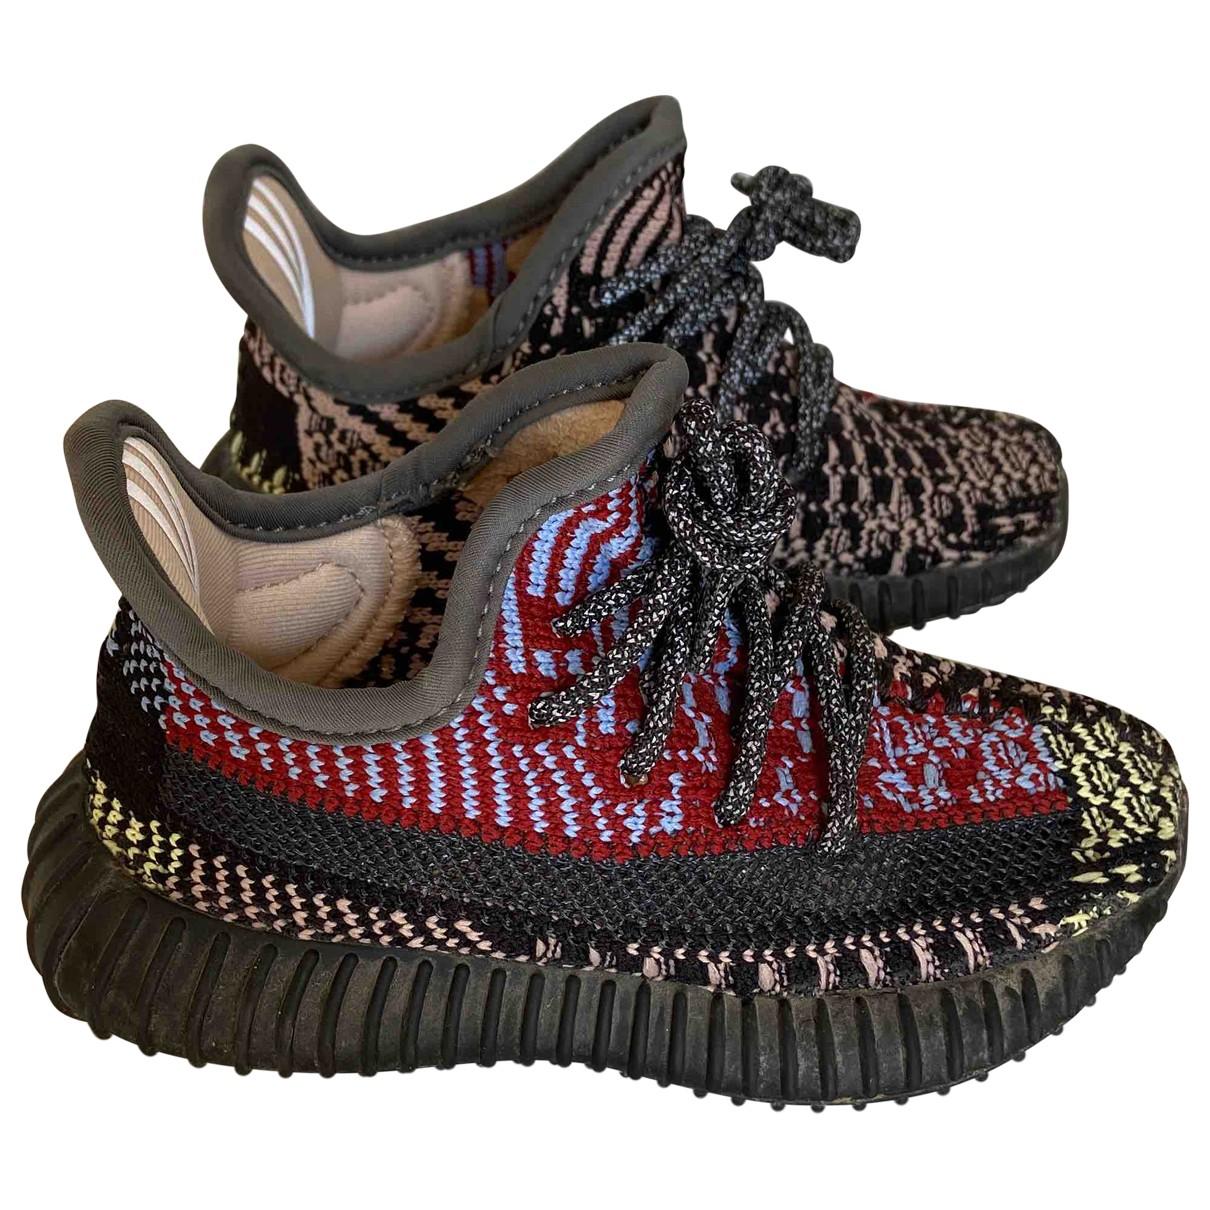 Yeezy X Adidas - Baskets Boost 350 V2 pour enfant en toile - noir